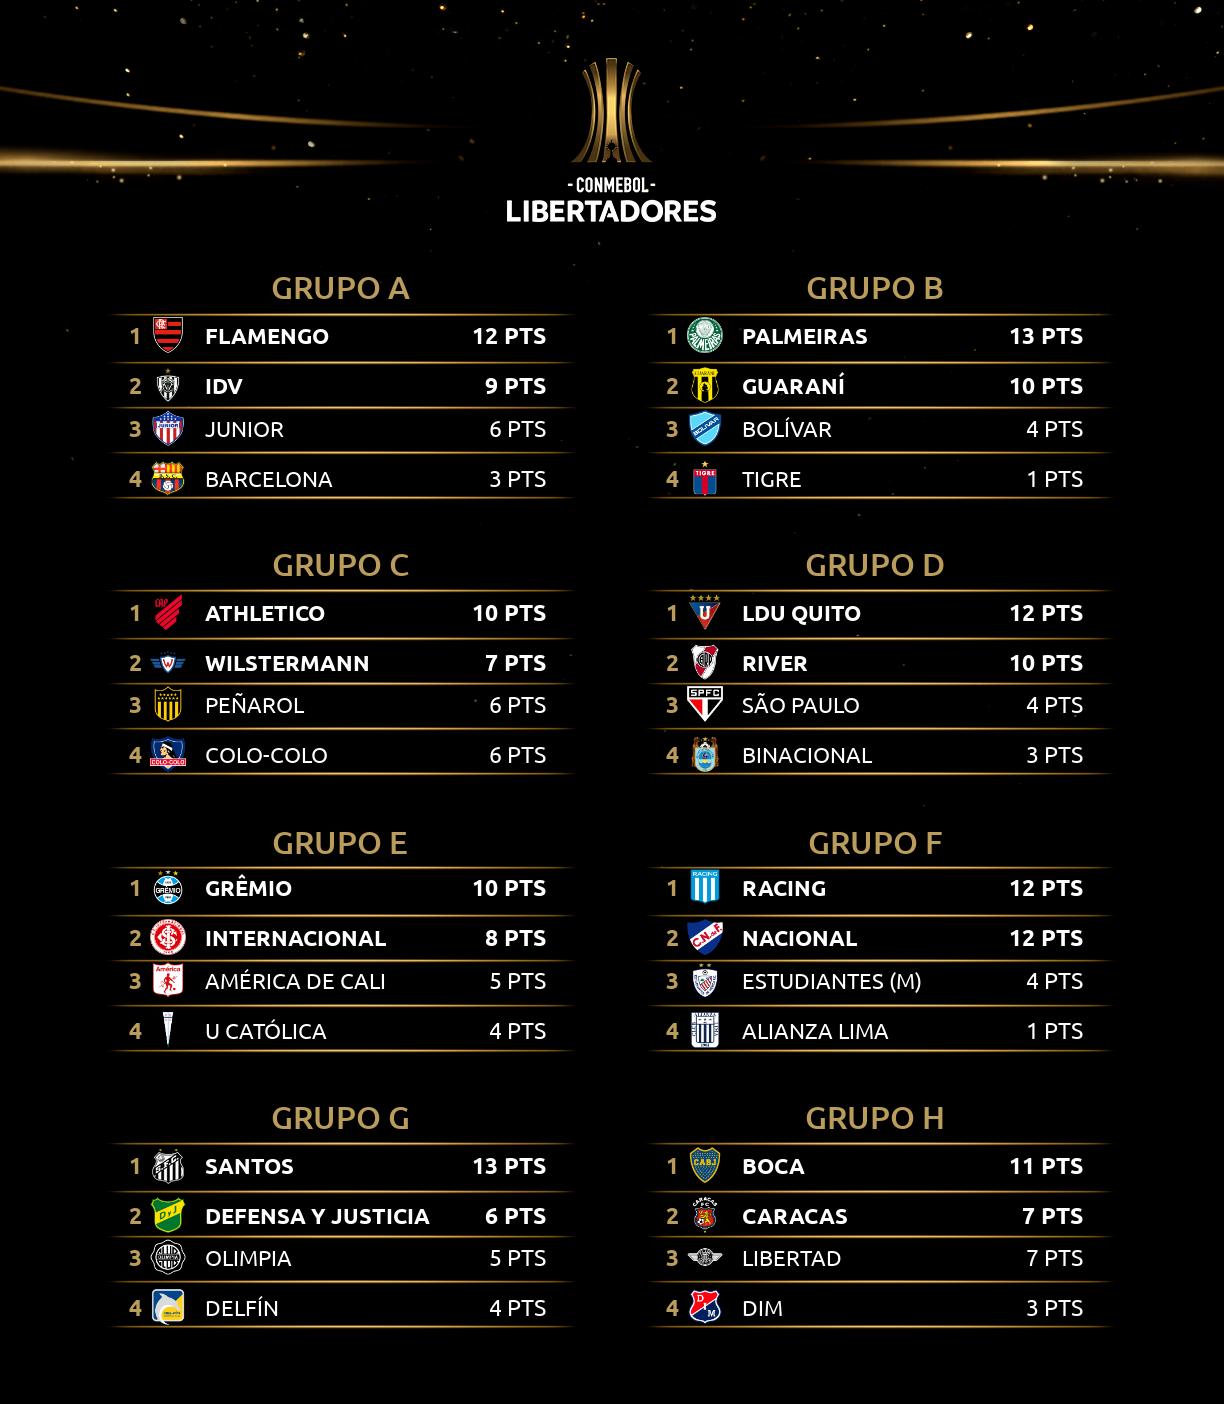 Classificação - Libertadores